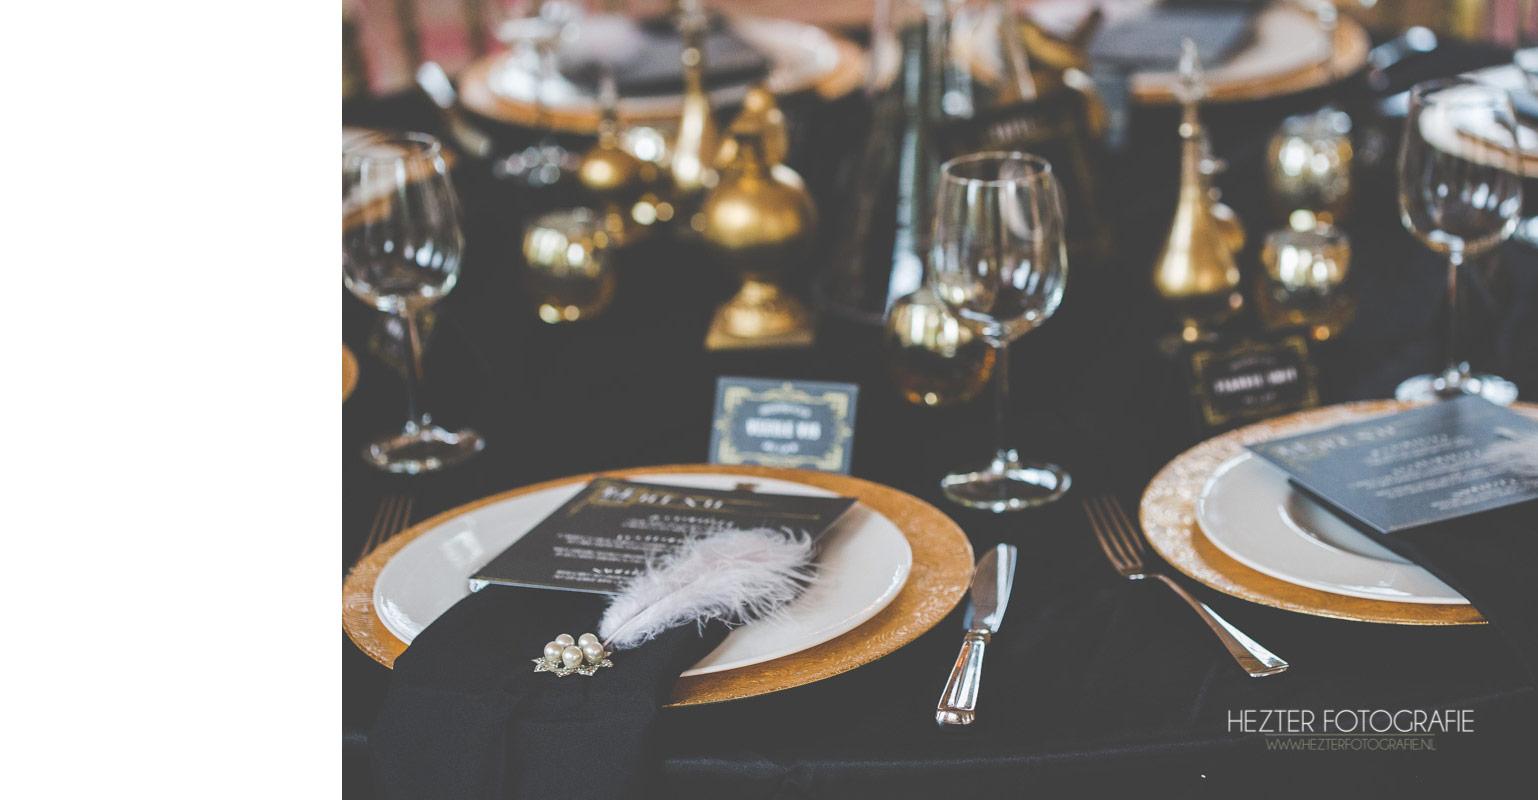 Menukaart Great Gatsby voor de trouwdag, past bij de trouwkaart Great Gatsby. Art Deco stijl.